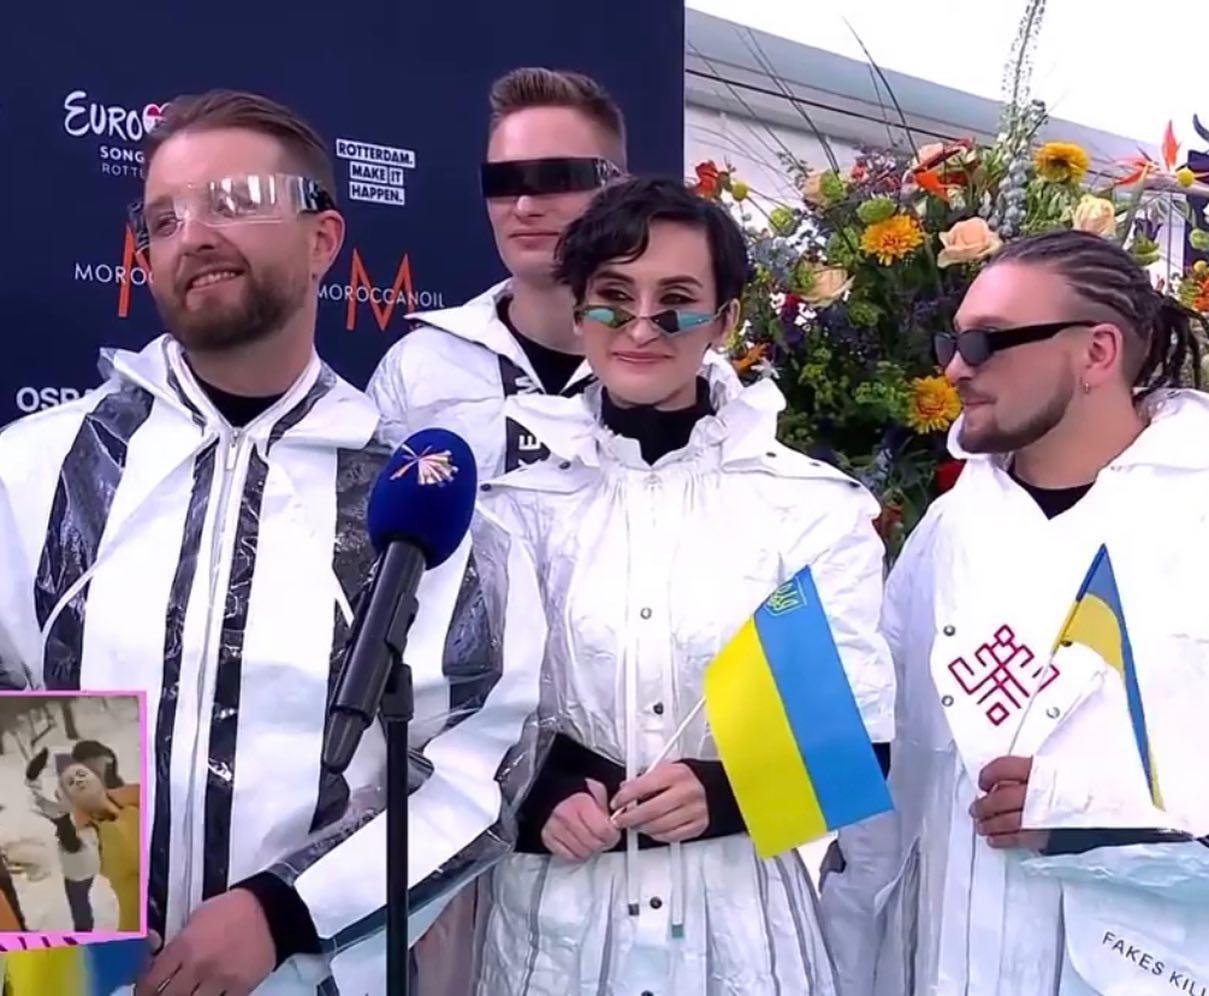 Євробачення 2021: в нідерландському Роттердамі пройшла церемонія відкриття